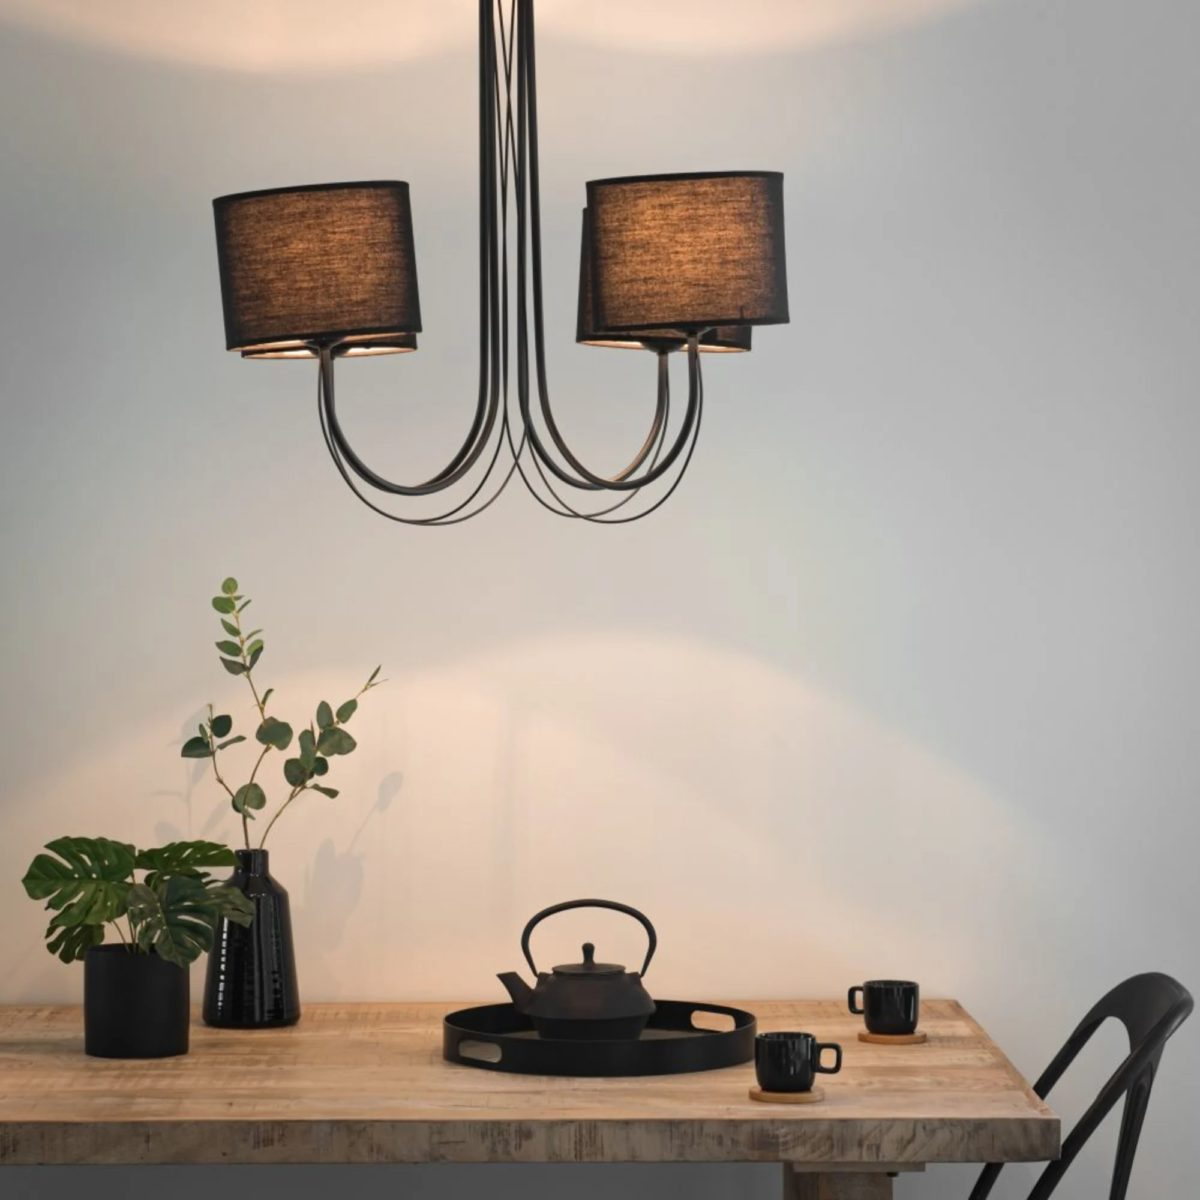 maisons-du-monde-illuminazione-lampadario